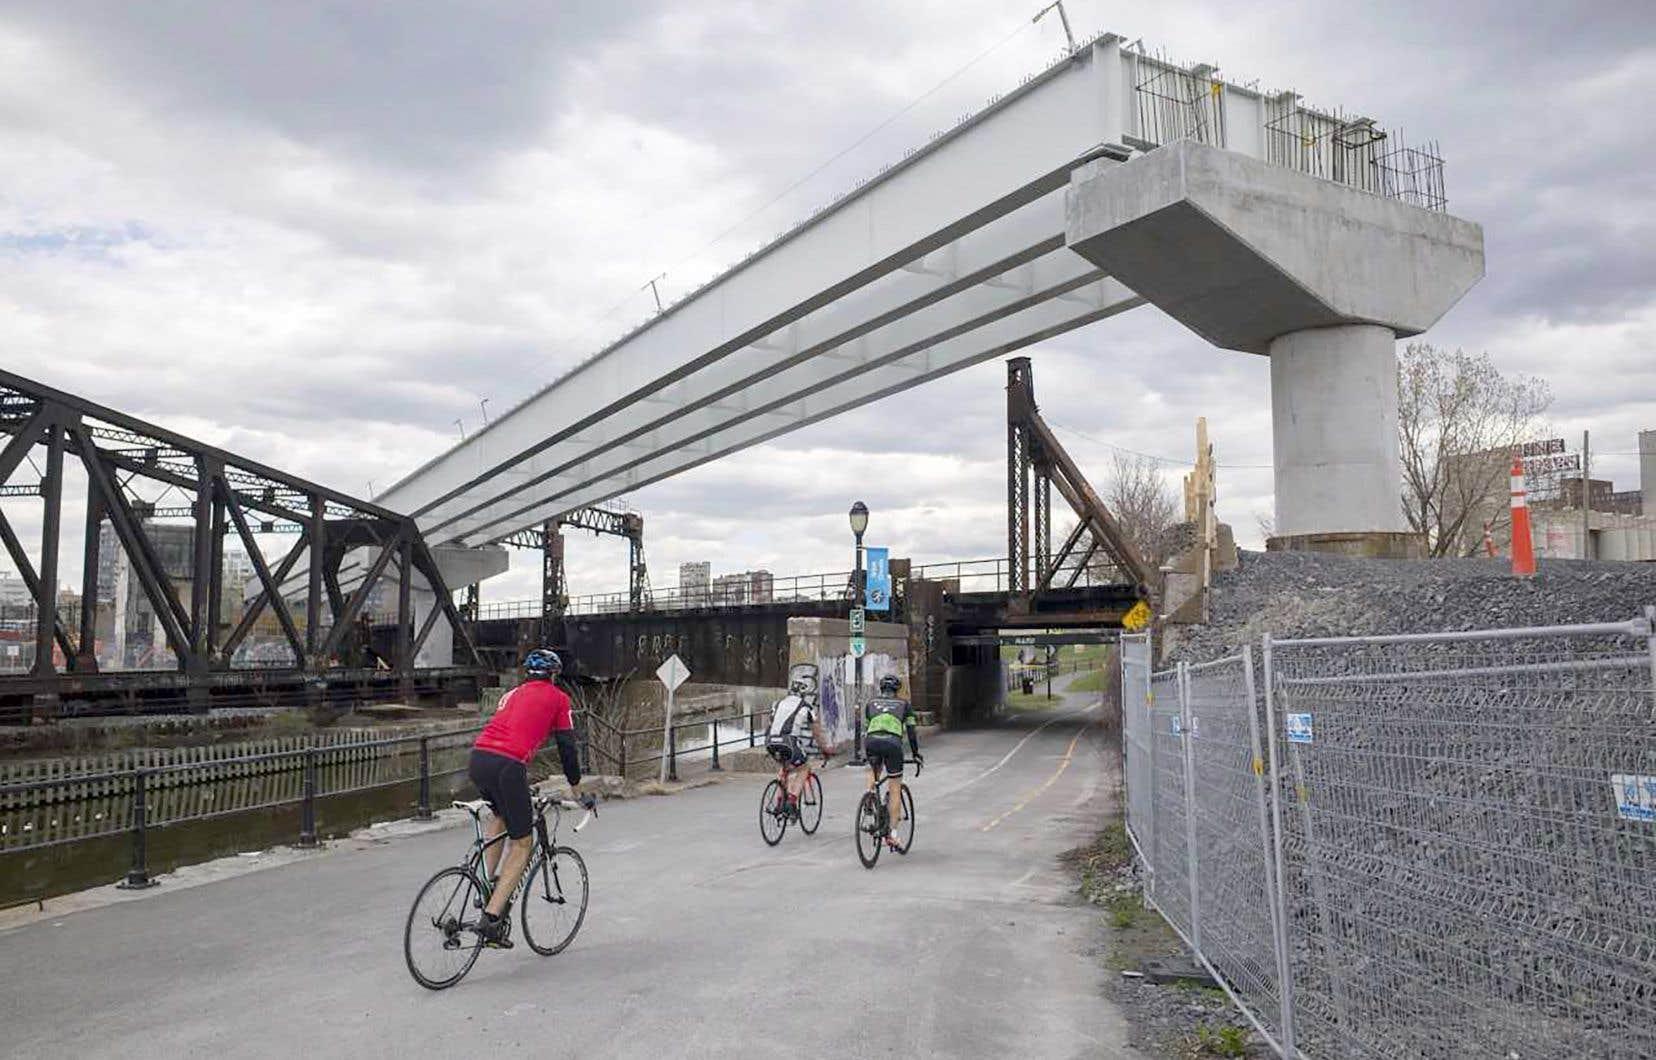 Exemple de partenariat entre les secteurs public et privé, la construction du Réseau express métropolitain (REM) est financée à hauteur de 2,9milliards par la Caisse de dépôt et placement du Québec, de 1,3milliard par le gouvernement du Québec et de 1,3milliard par le gouvernement du Canada.